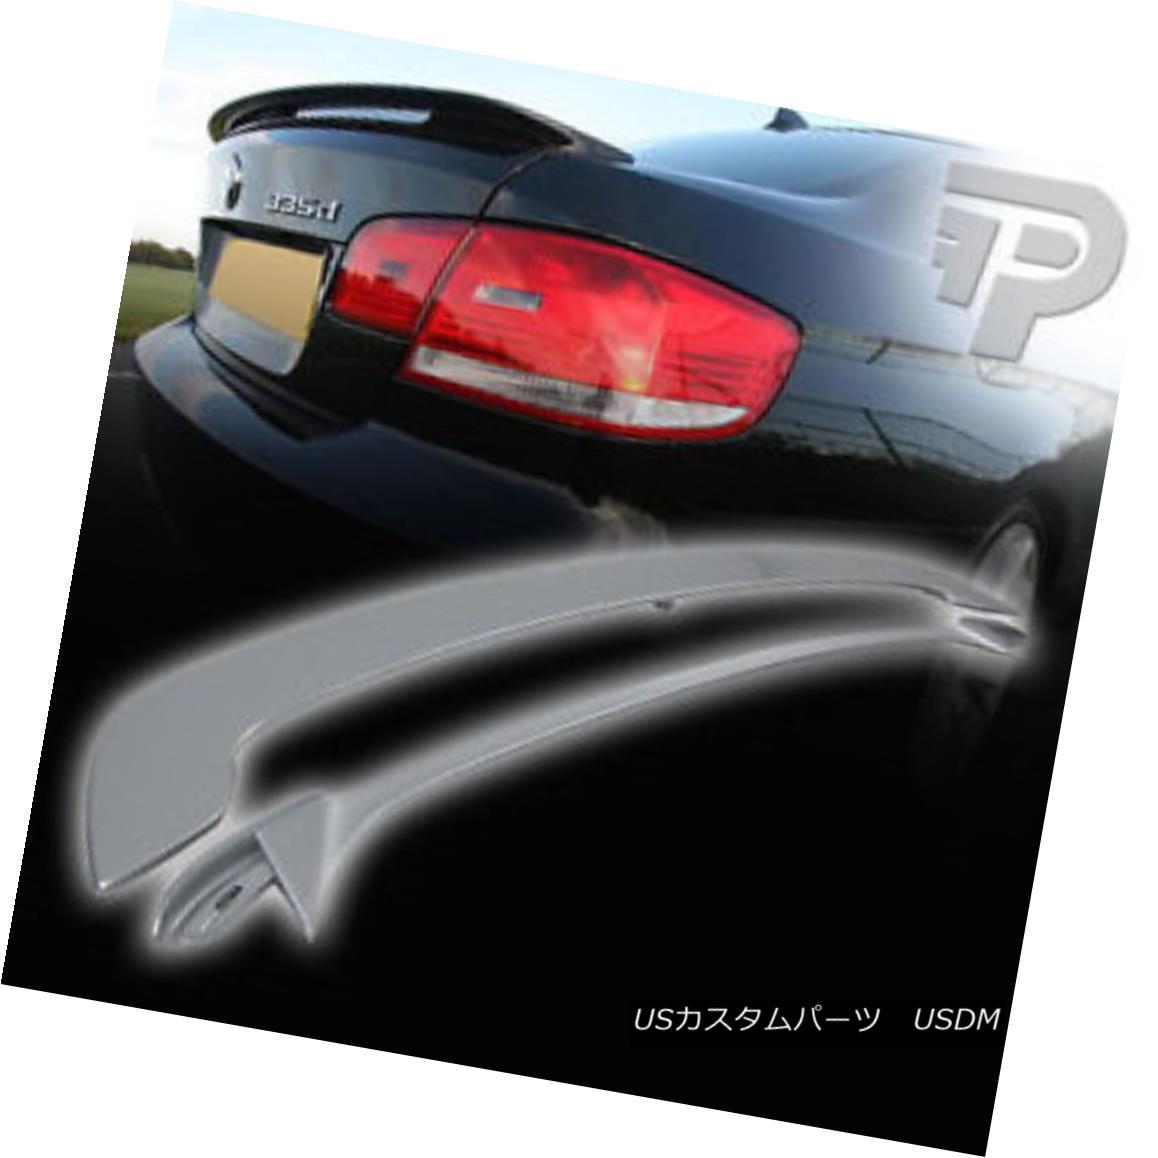 エアロパーツ PAINTED FOR BMW 3-SERIES E92 COUPE 2DR OE TYPE REAR BOOT TRUNK SPOILER 07+ BMW 3シリーズ用に塗装されたE92 COUPE 2DR OEタイプリア・ブーツ・トランク・スポイラー07+